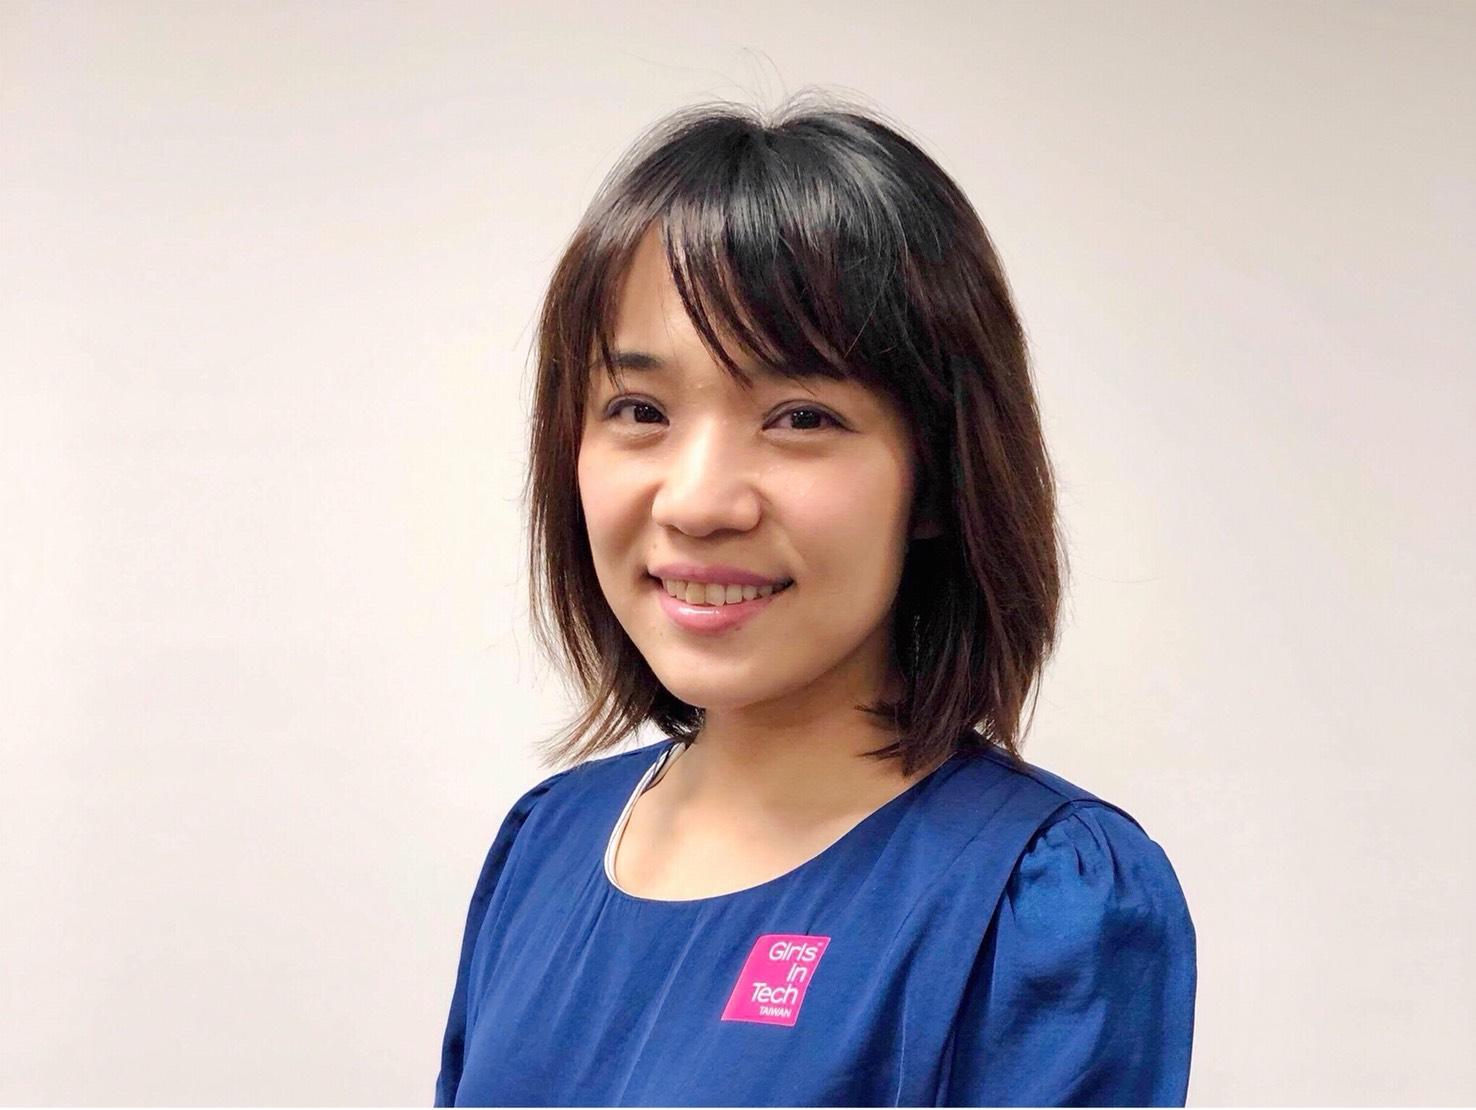 就是她!《Girls in Tech Taiwan》創業家兄弟首位高管羅敏慈上榜